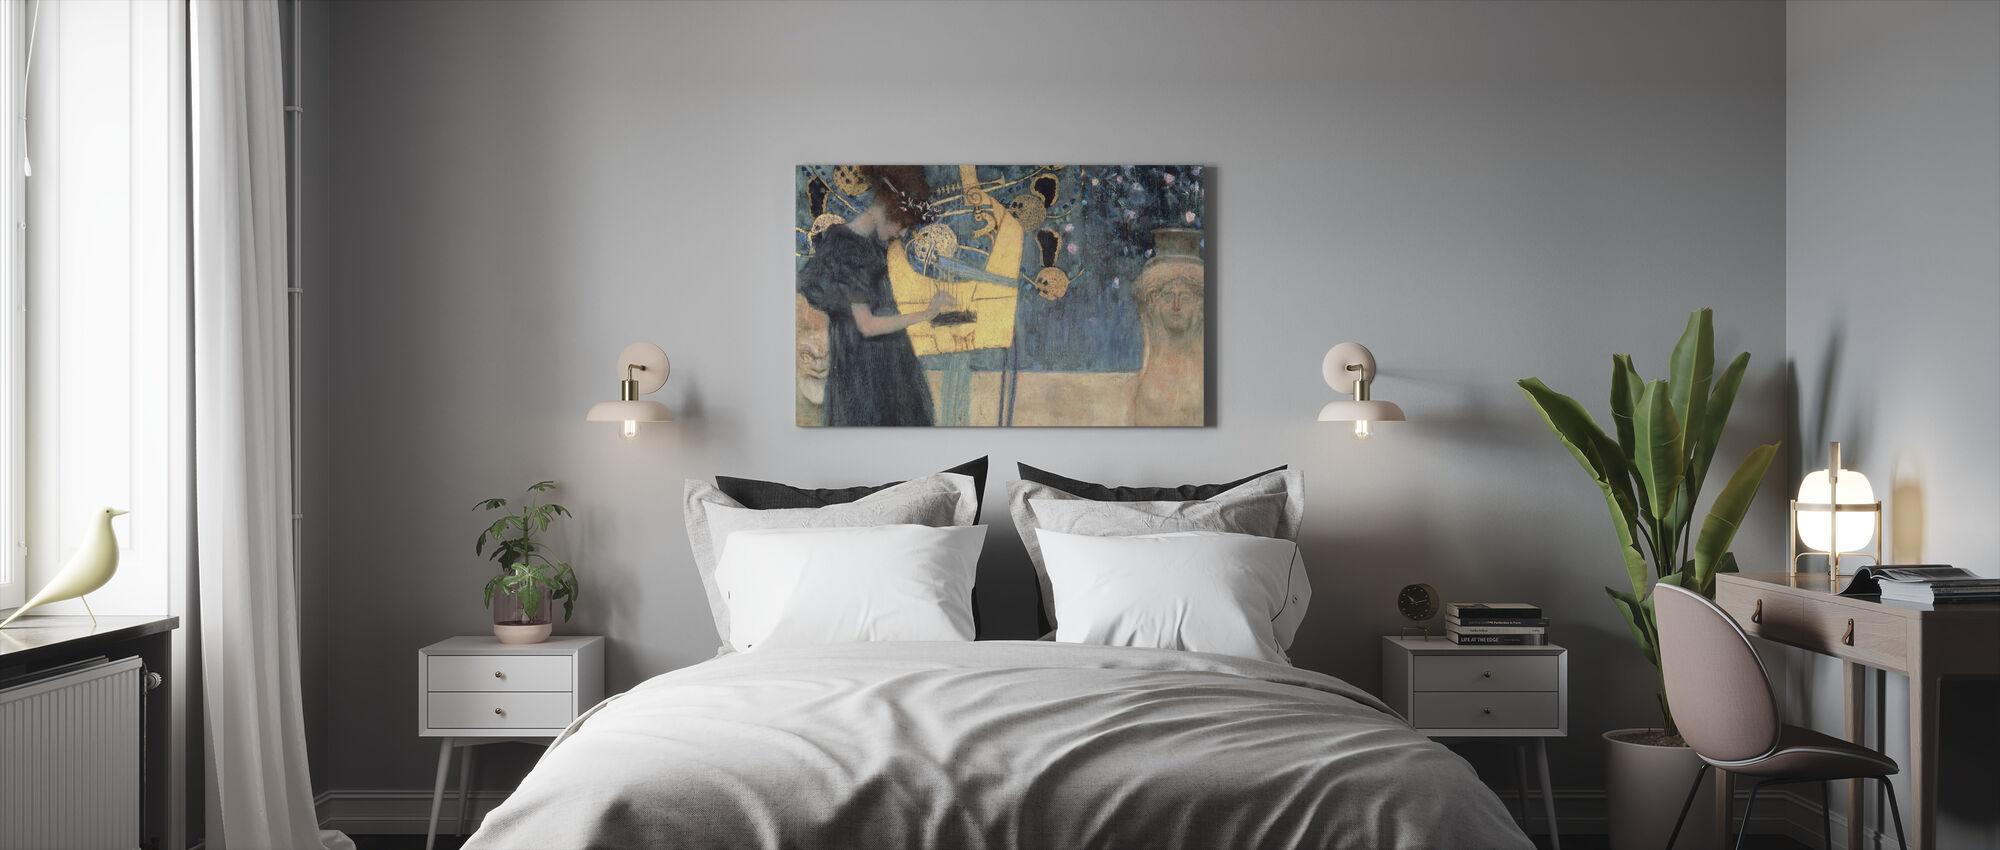 Klimt, Gustav - Musikk - Lerretsbilde - Soverom